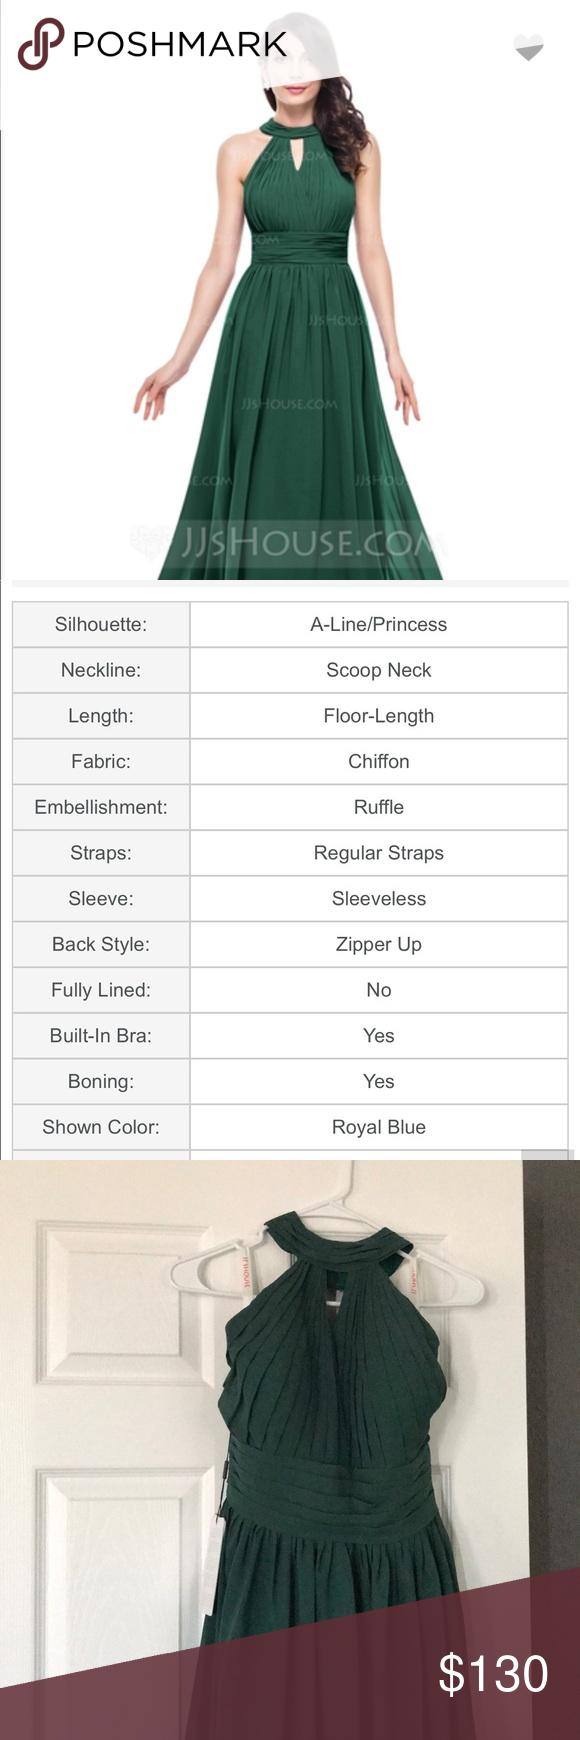 Formal Green Dress 👗 NWT Formal Green halter dress